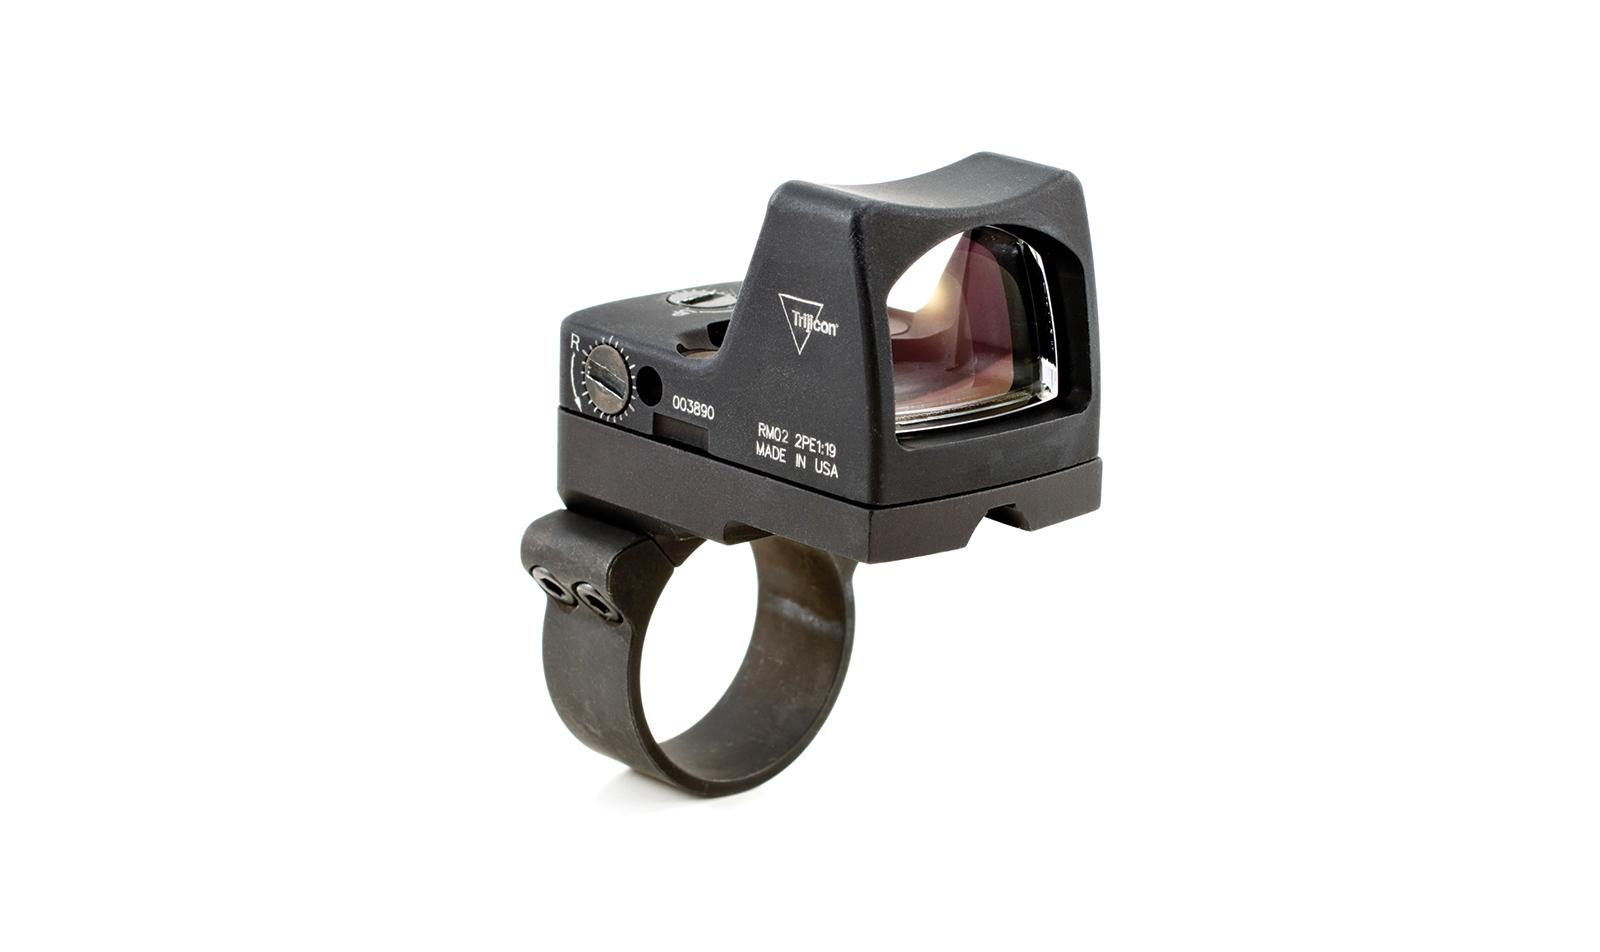 RM02-C-700612 angle 4